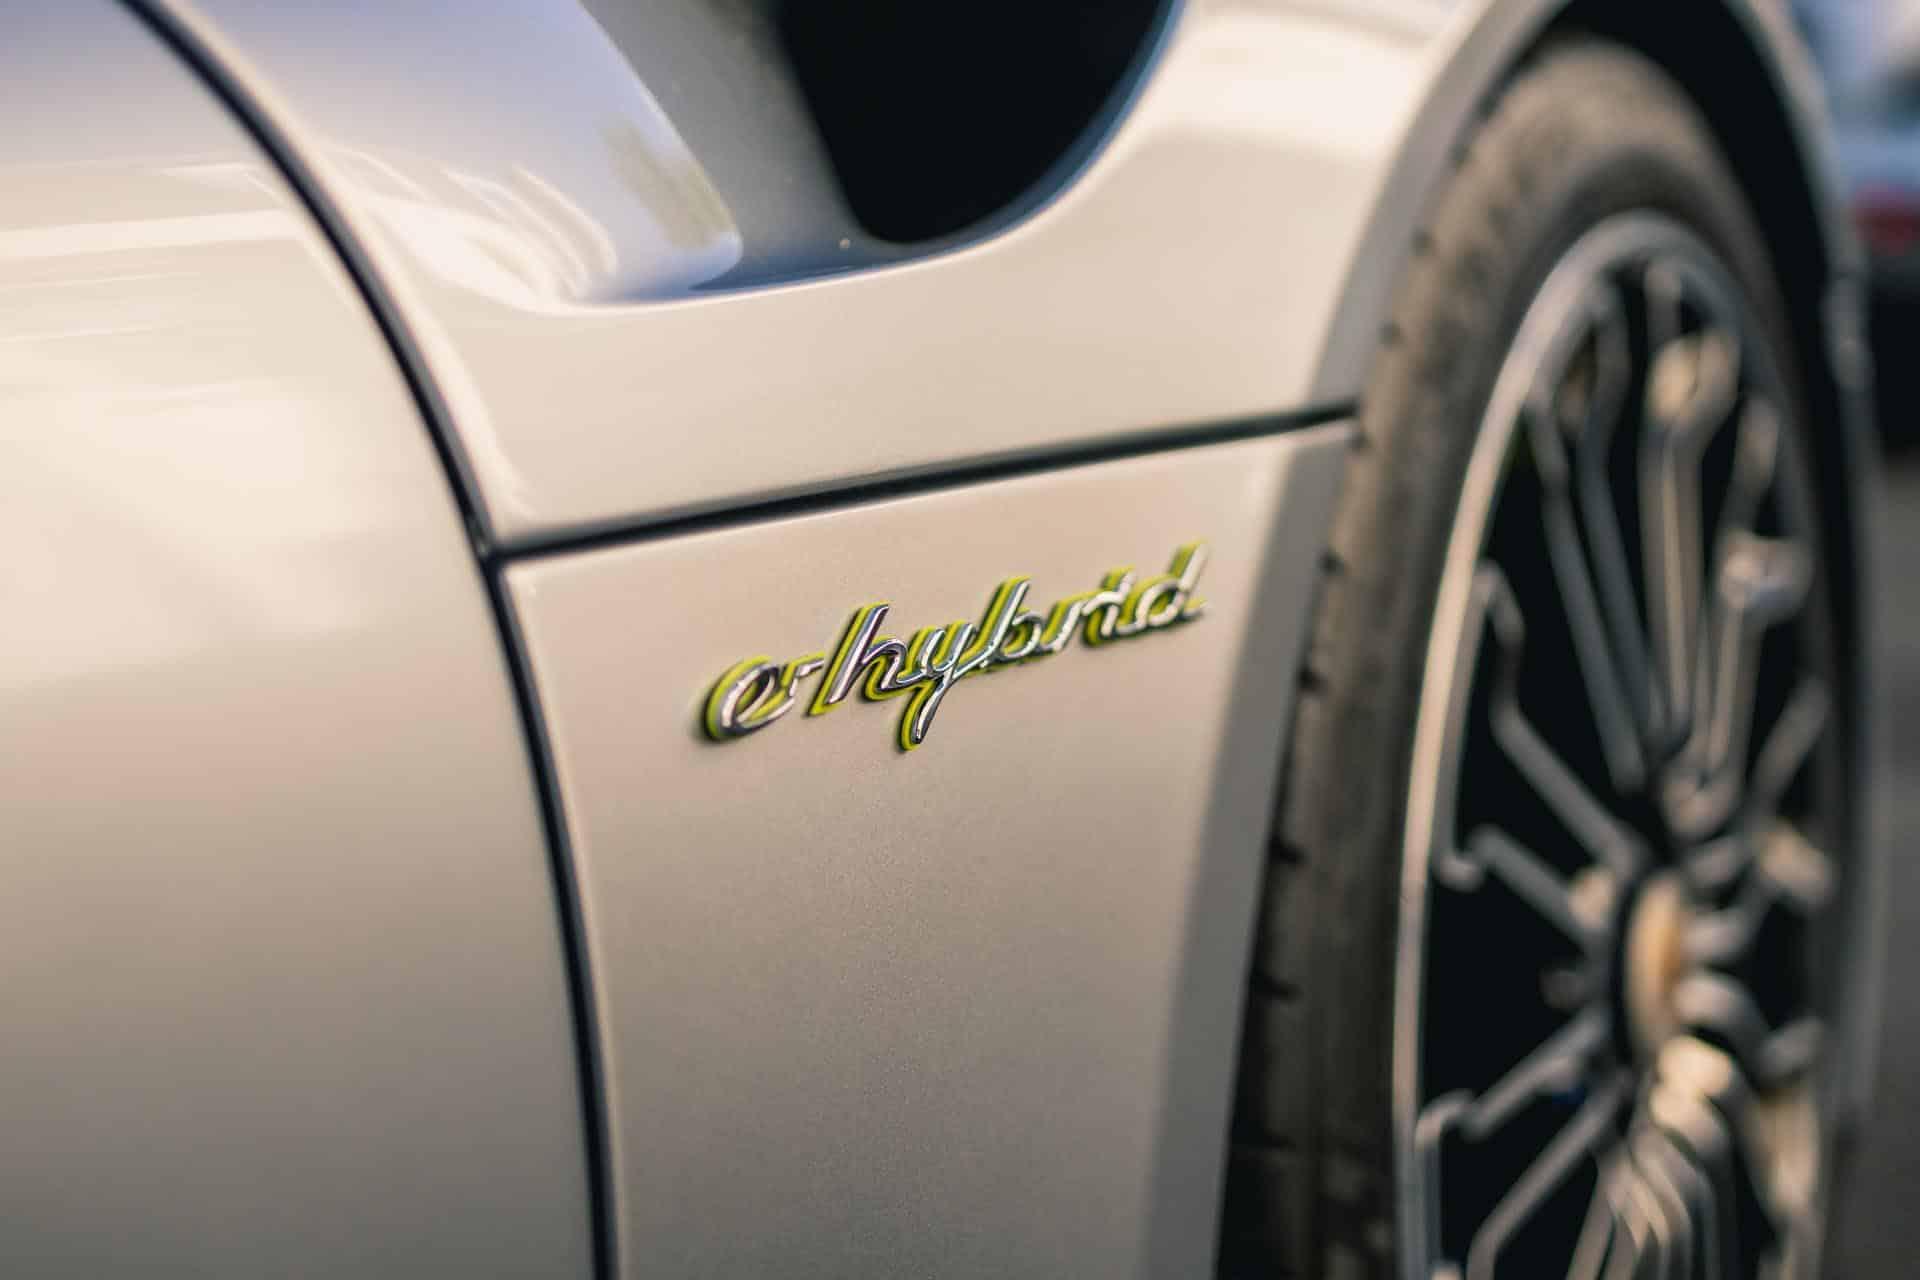 918 hybrid